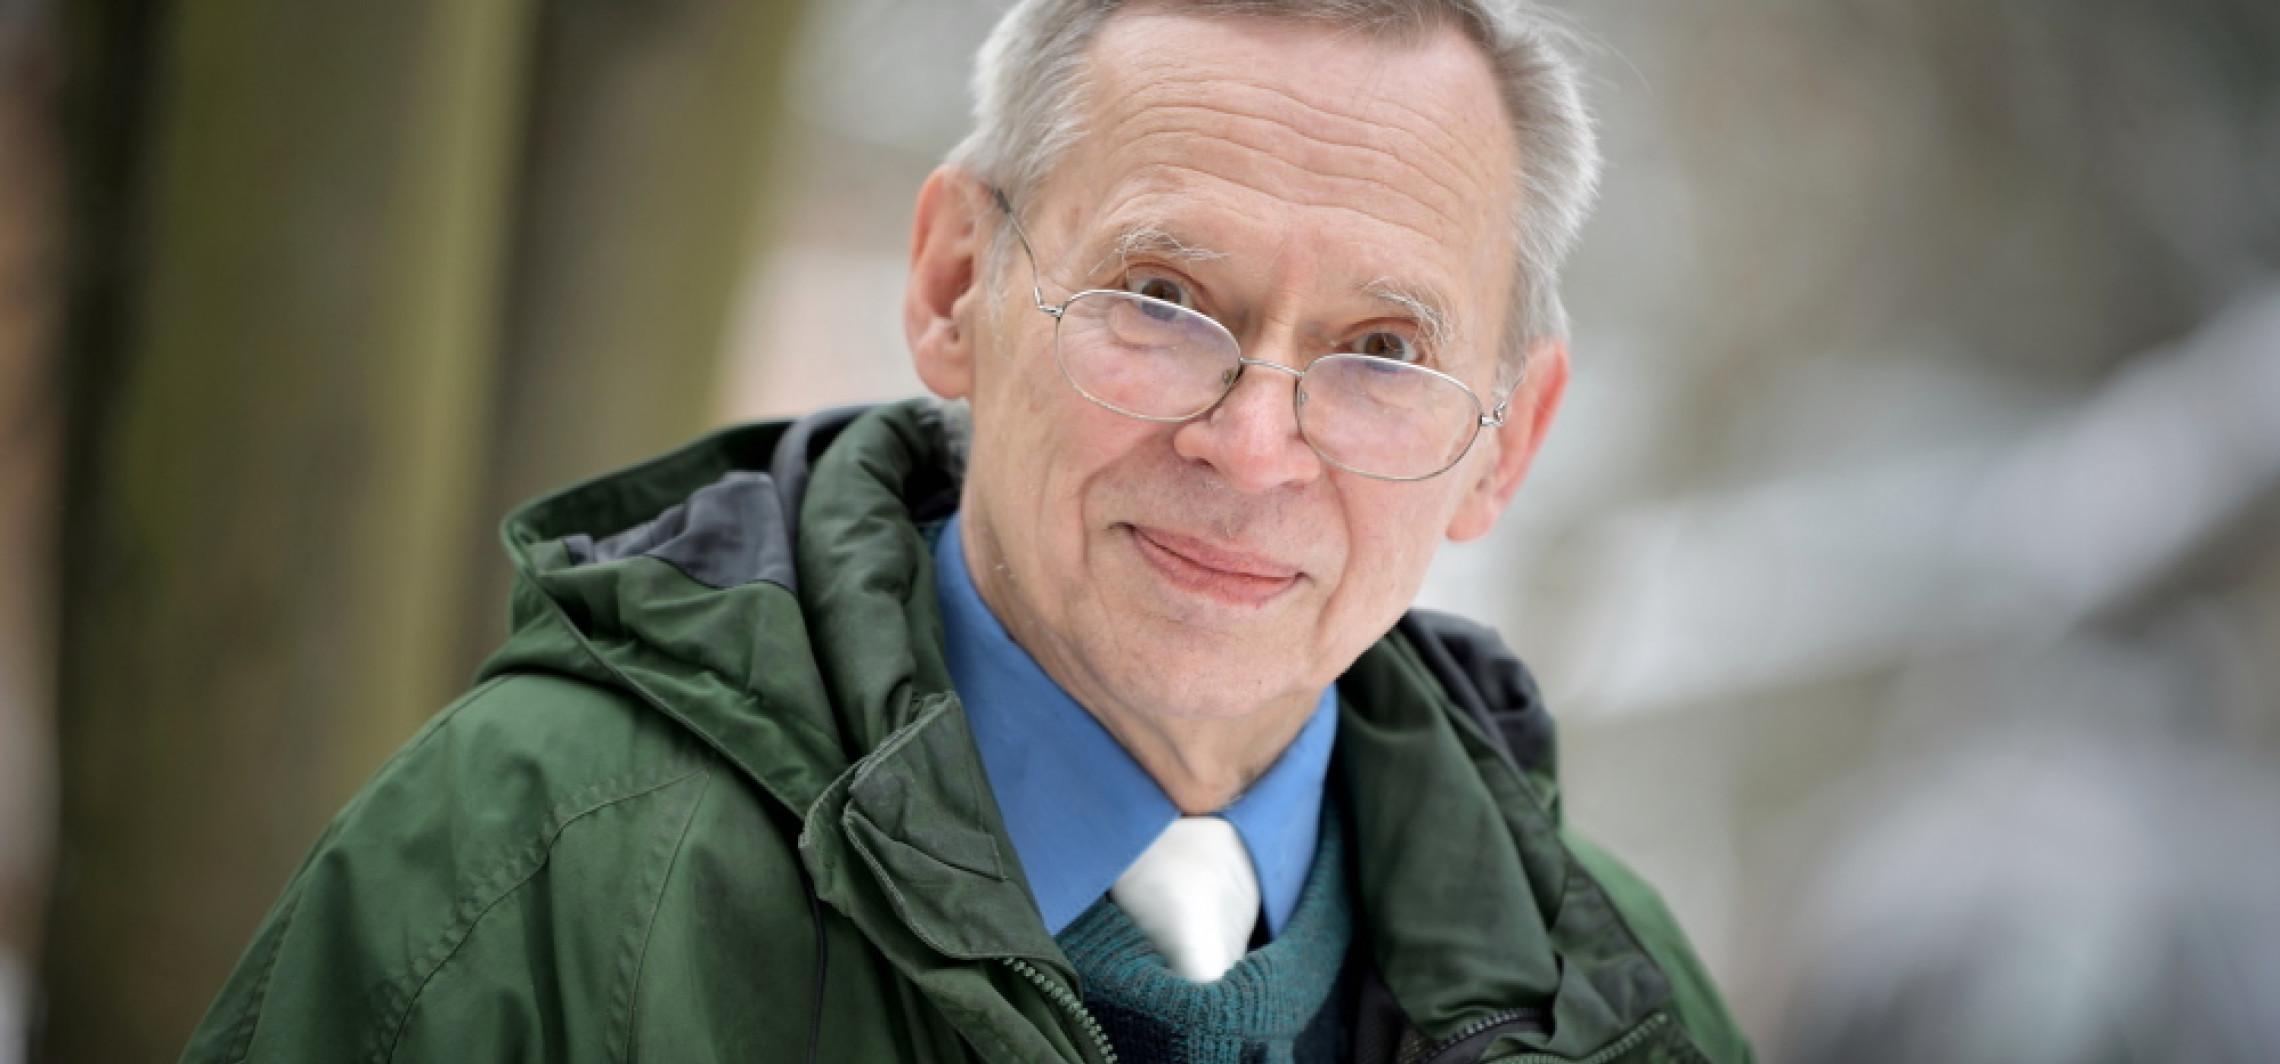 Kraj - Prof. Gut: nie przewiduję kolejnej dużej fali wzrostu zachorowań na COVID-19